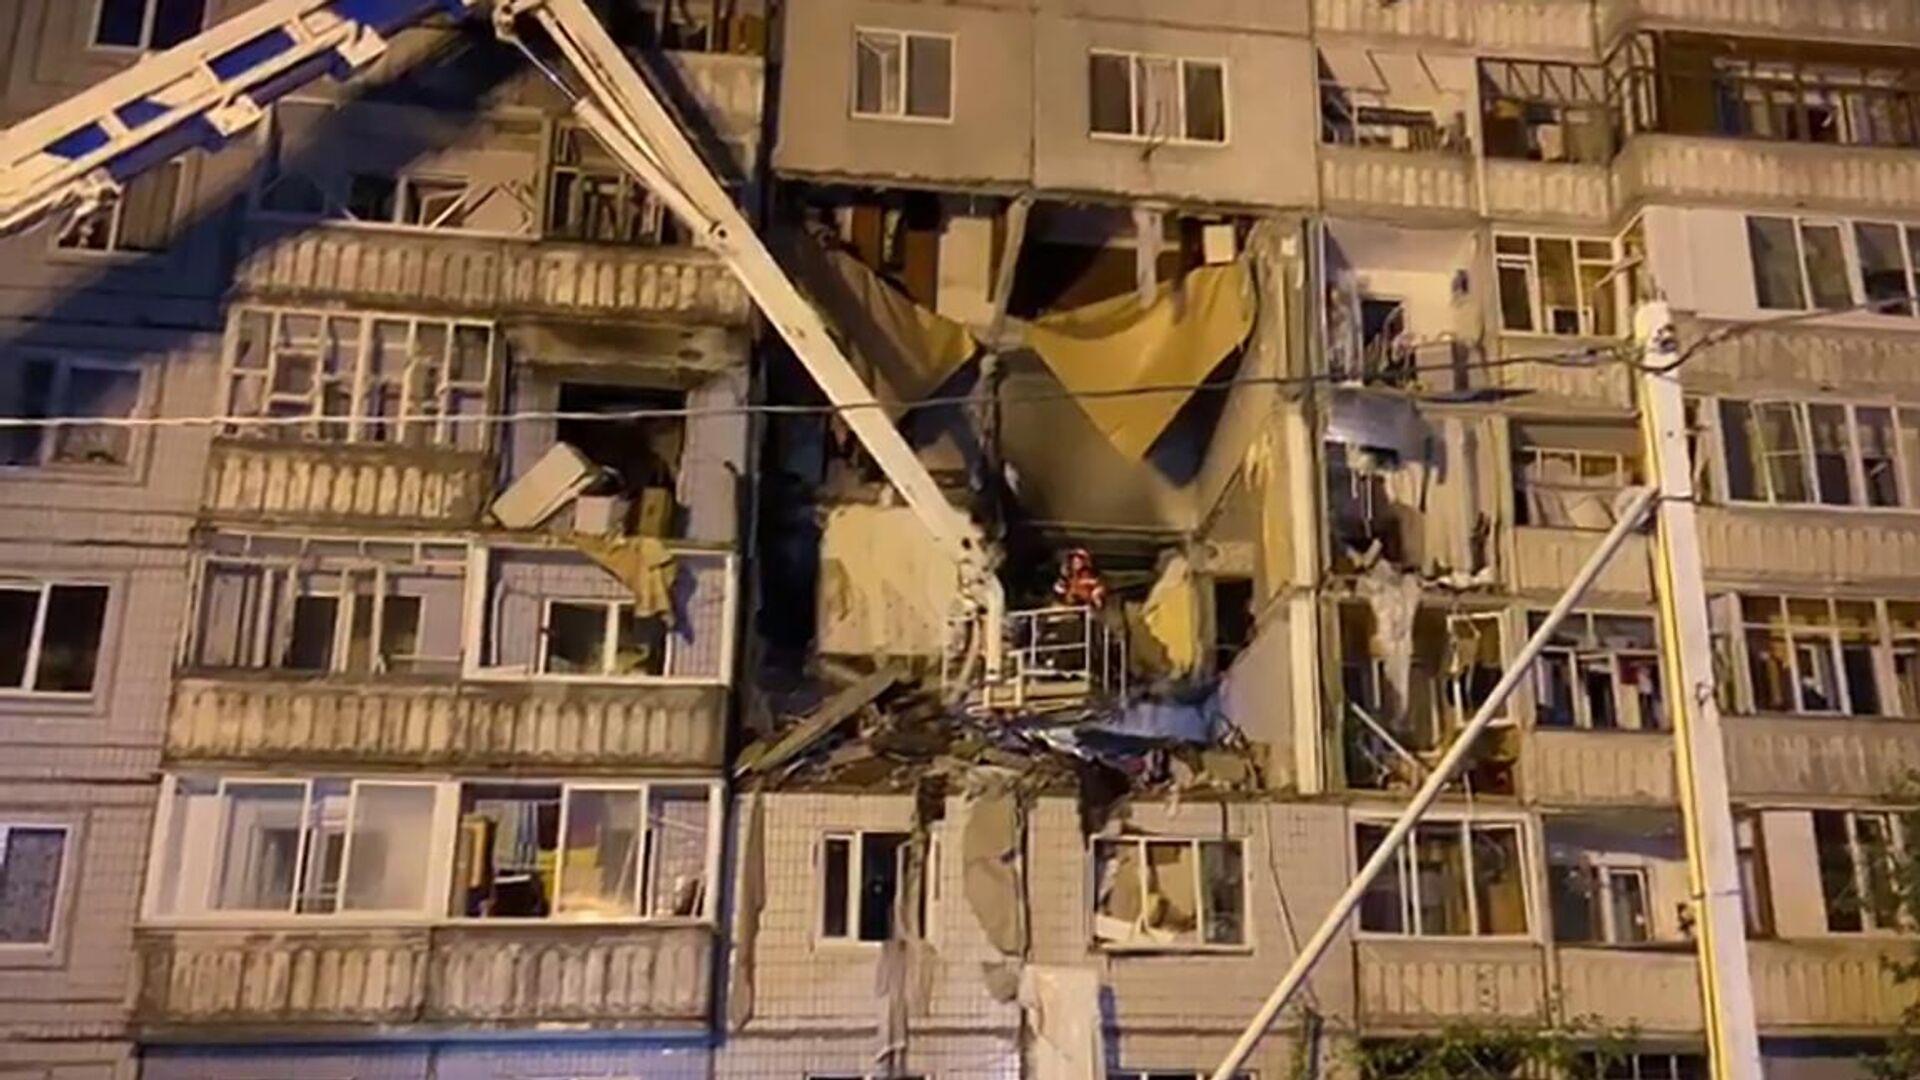 Взрыв газа в десятиэтажном доме в Ярославле - РИА Новости, 1920, 07.03.2021